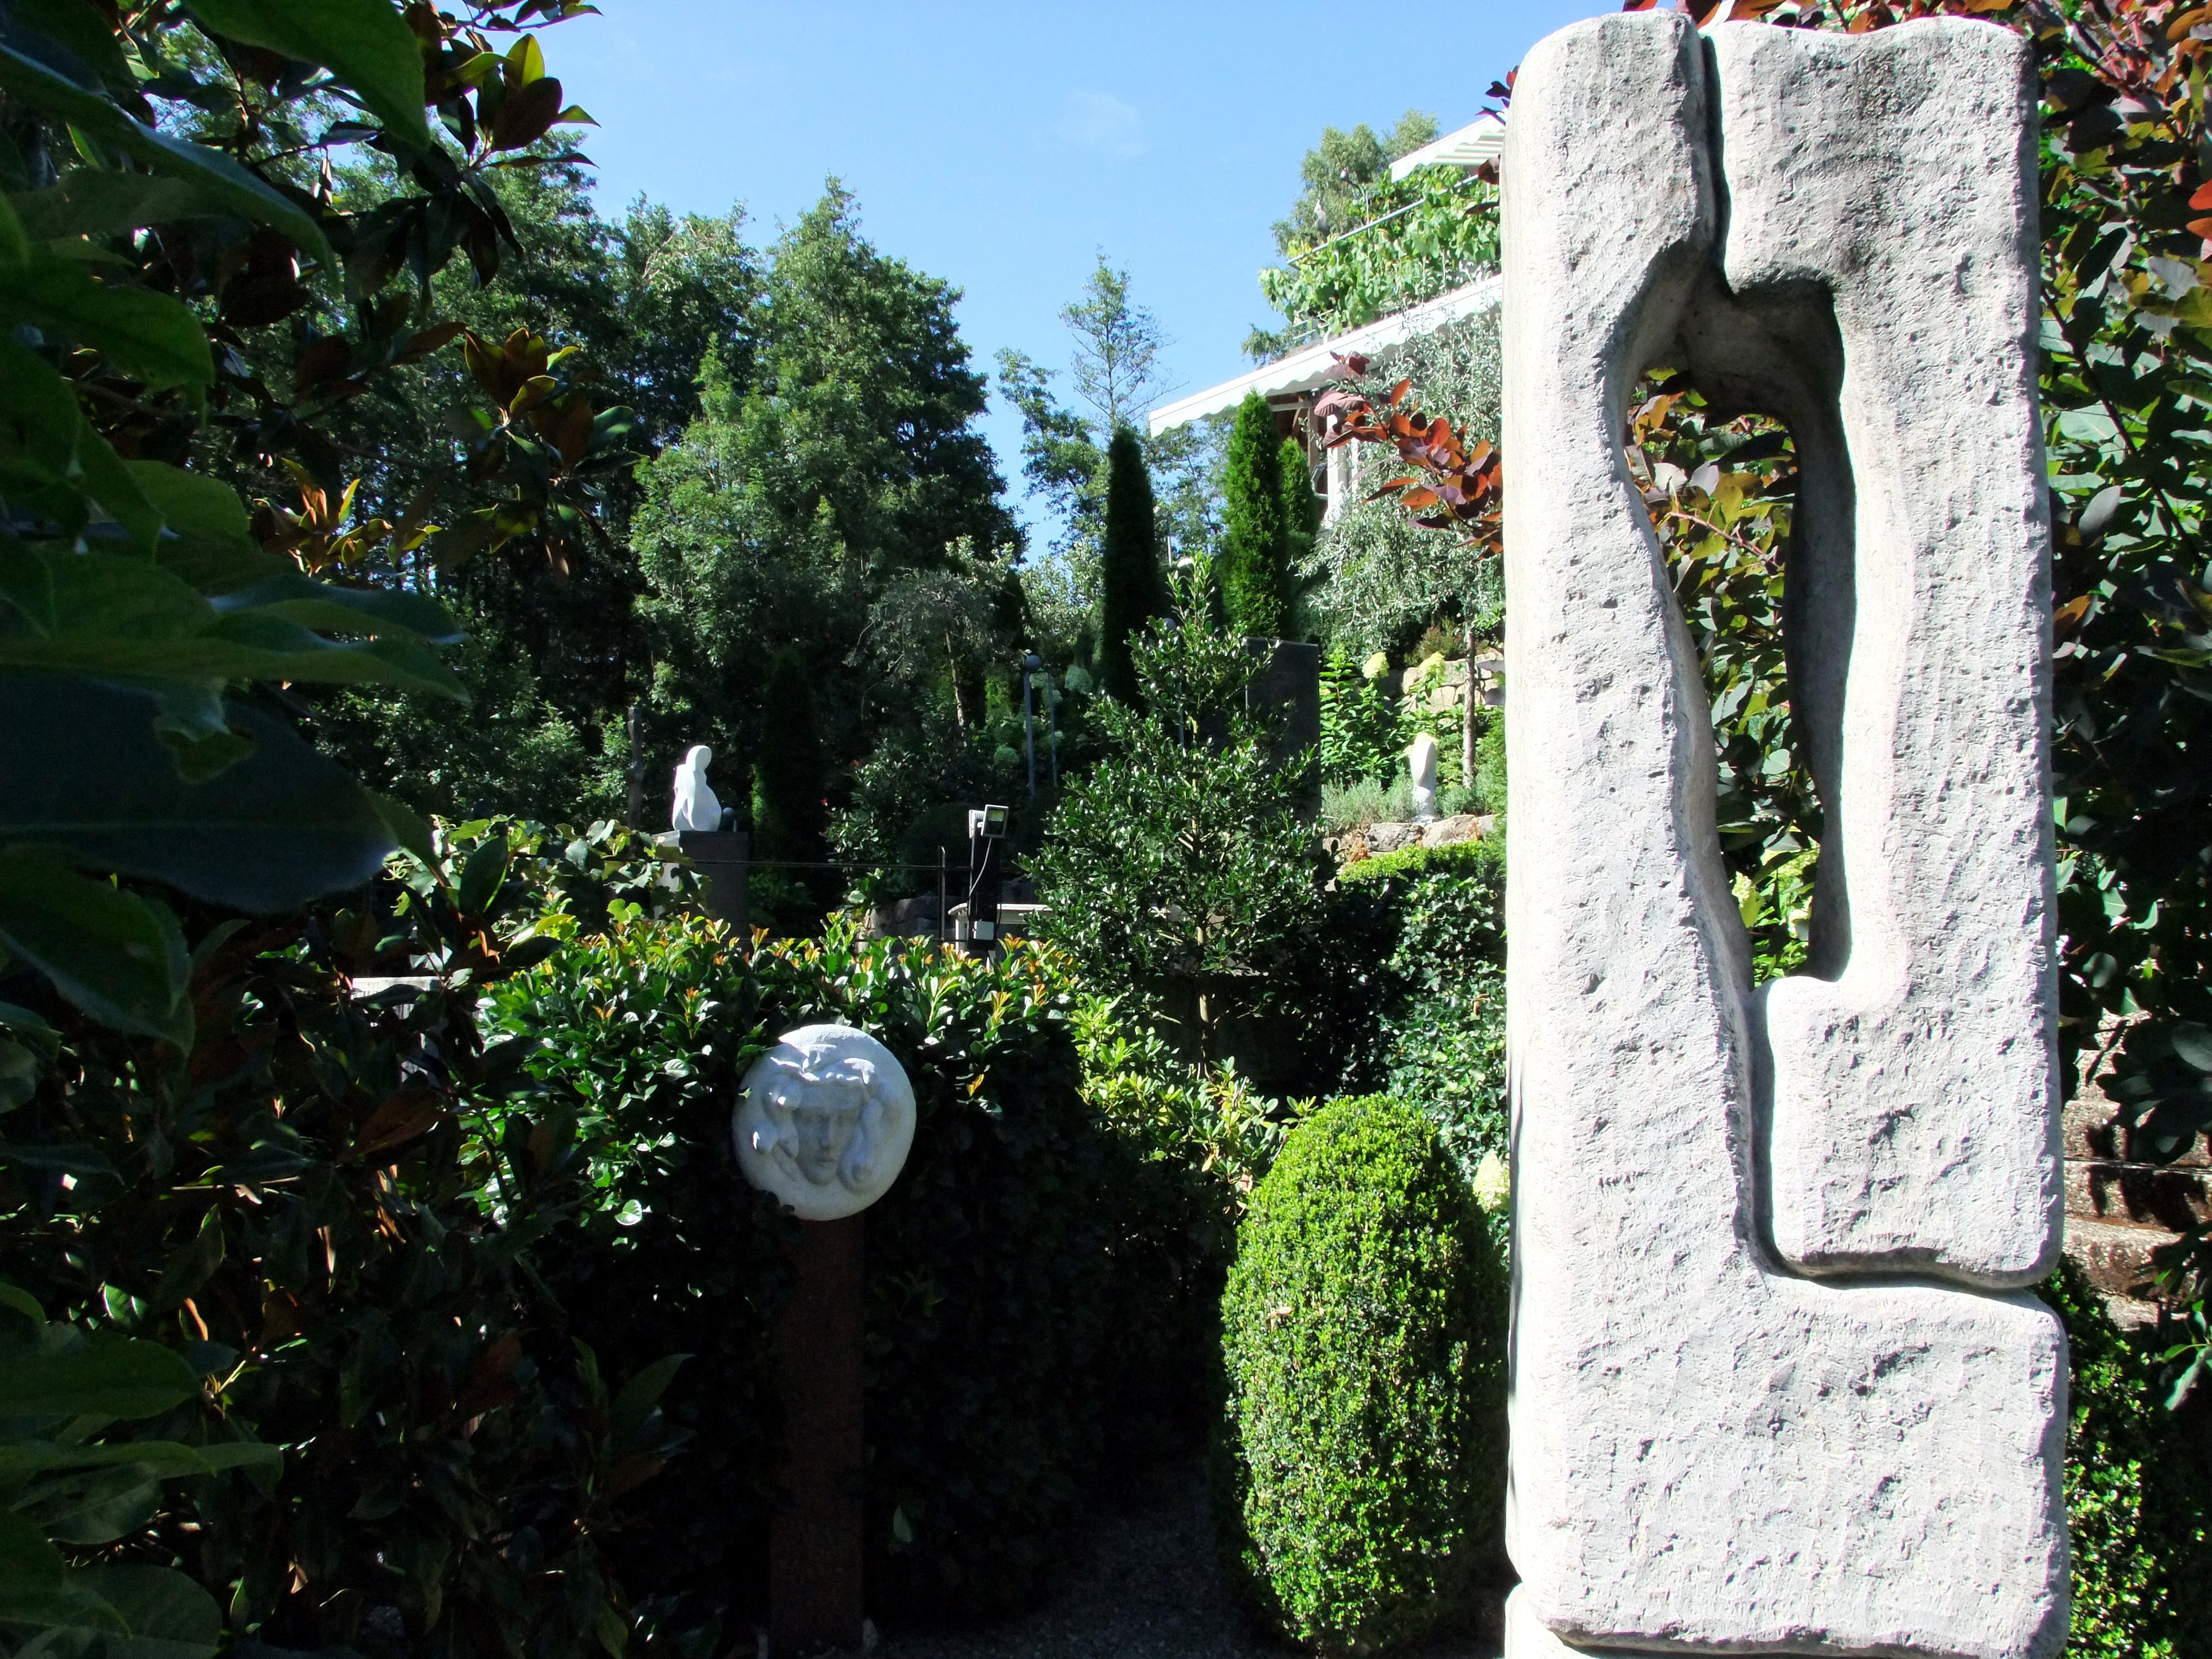 Full Size of Skulpturen Garten Atelier Seeatelier Gaienhofen Spielgeräte Für Den Schaukel Sichtschutz Spielhaus Holz Loungemöbel Truhenbank Wohnen Und Abo Heizstrahler Garten Skulpturen Garten